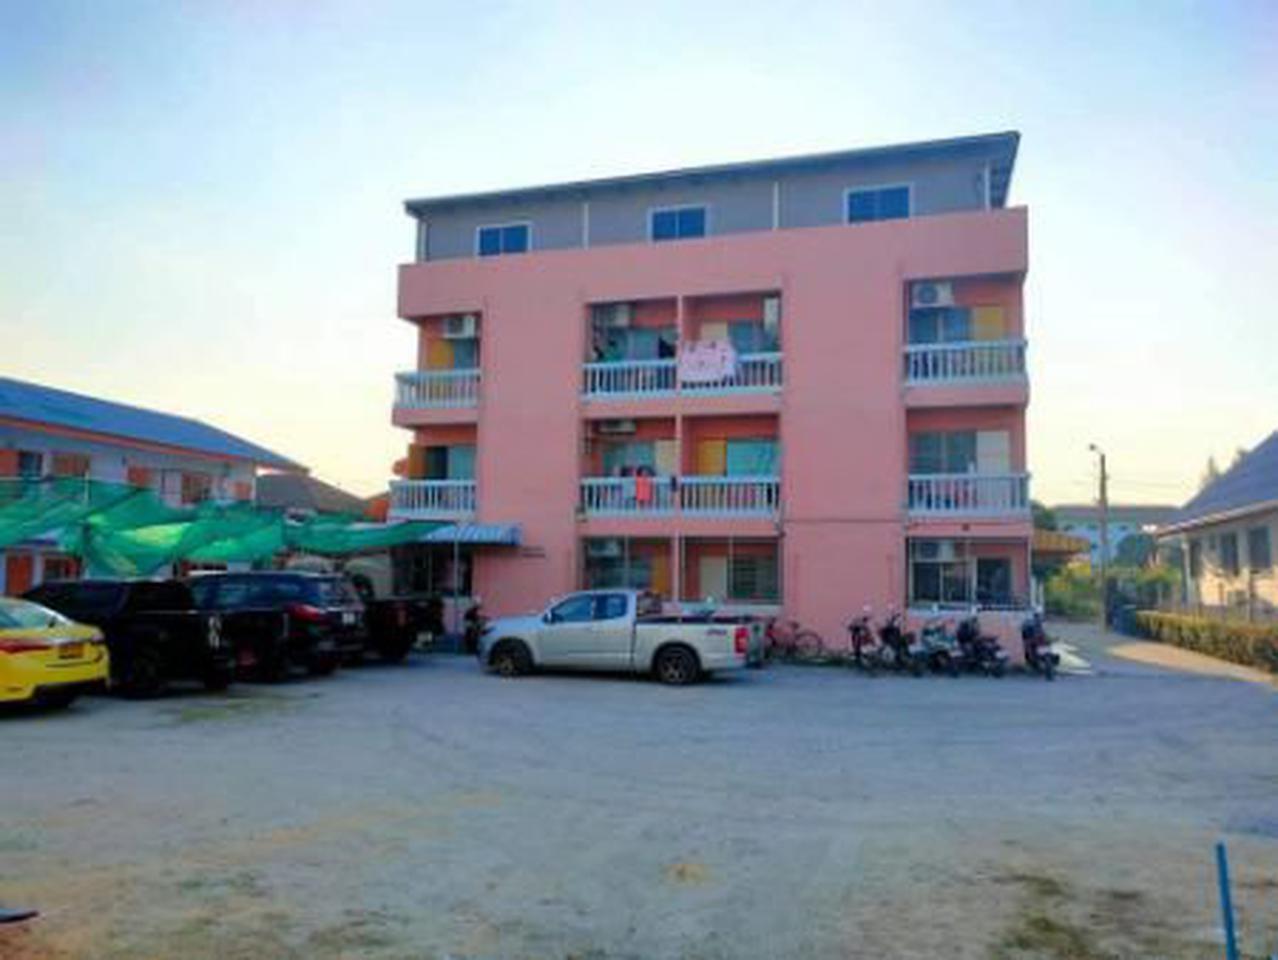 ให้เช่า อพาร์ทเม้นท์ หอพักตึกสีส้ม ขนาด 28 ตรว. พื้นที่ 112 ตรม. รูปที่ 4